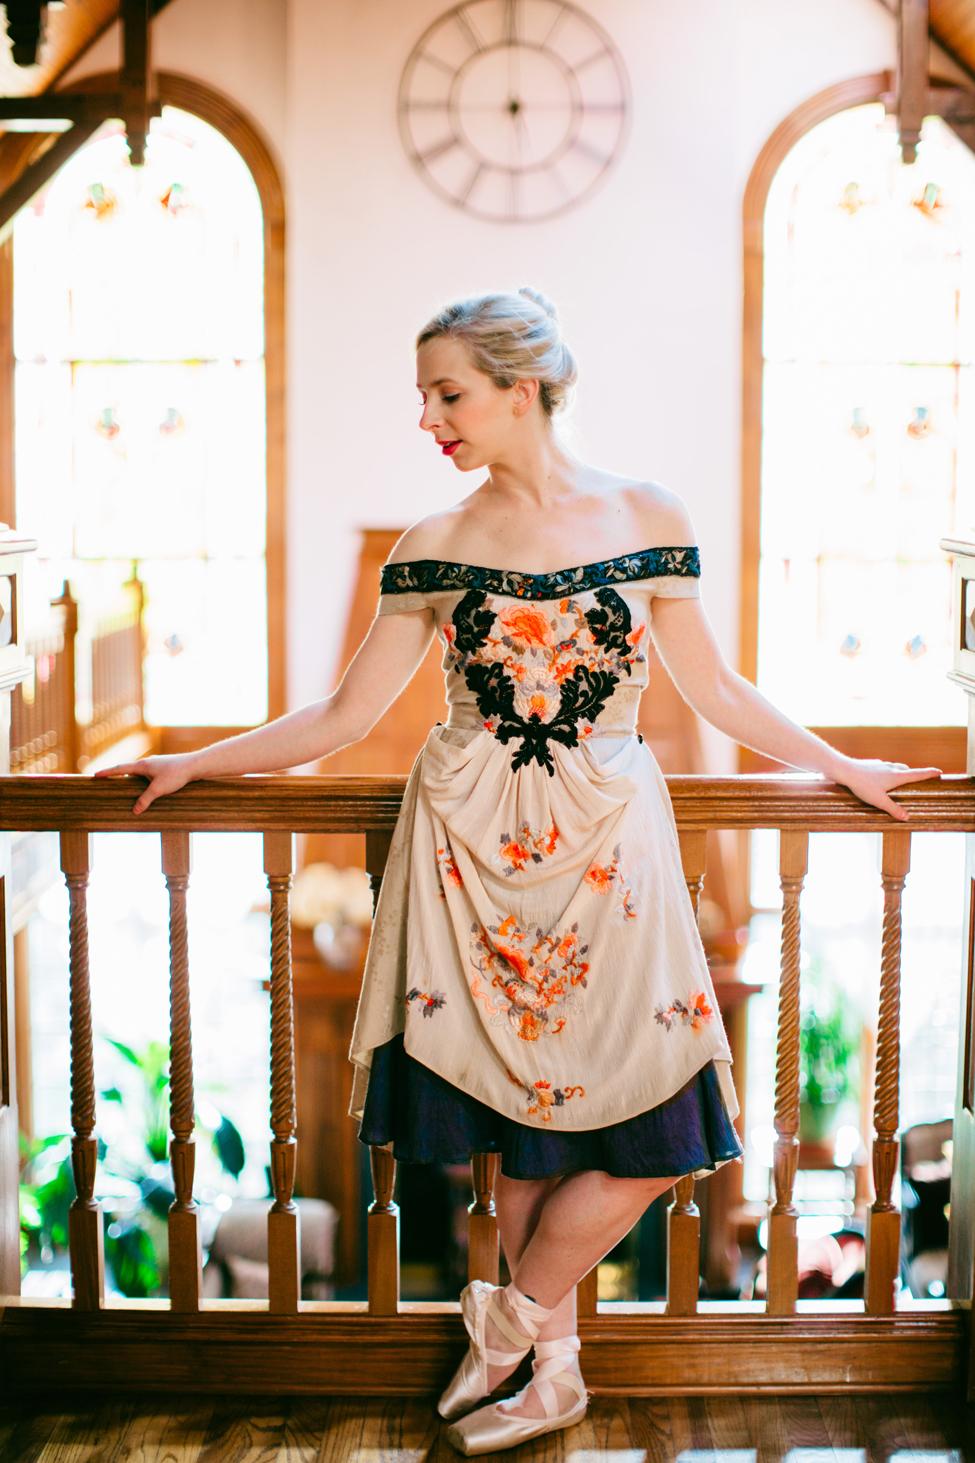 liz_white_bridal_wedding189.jpg